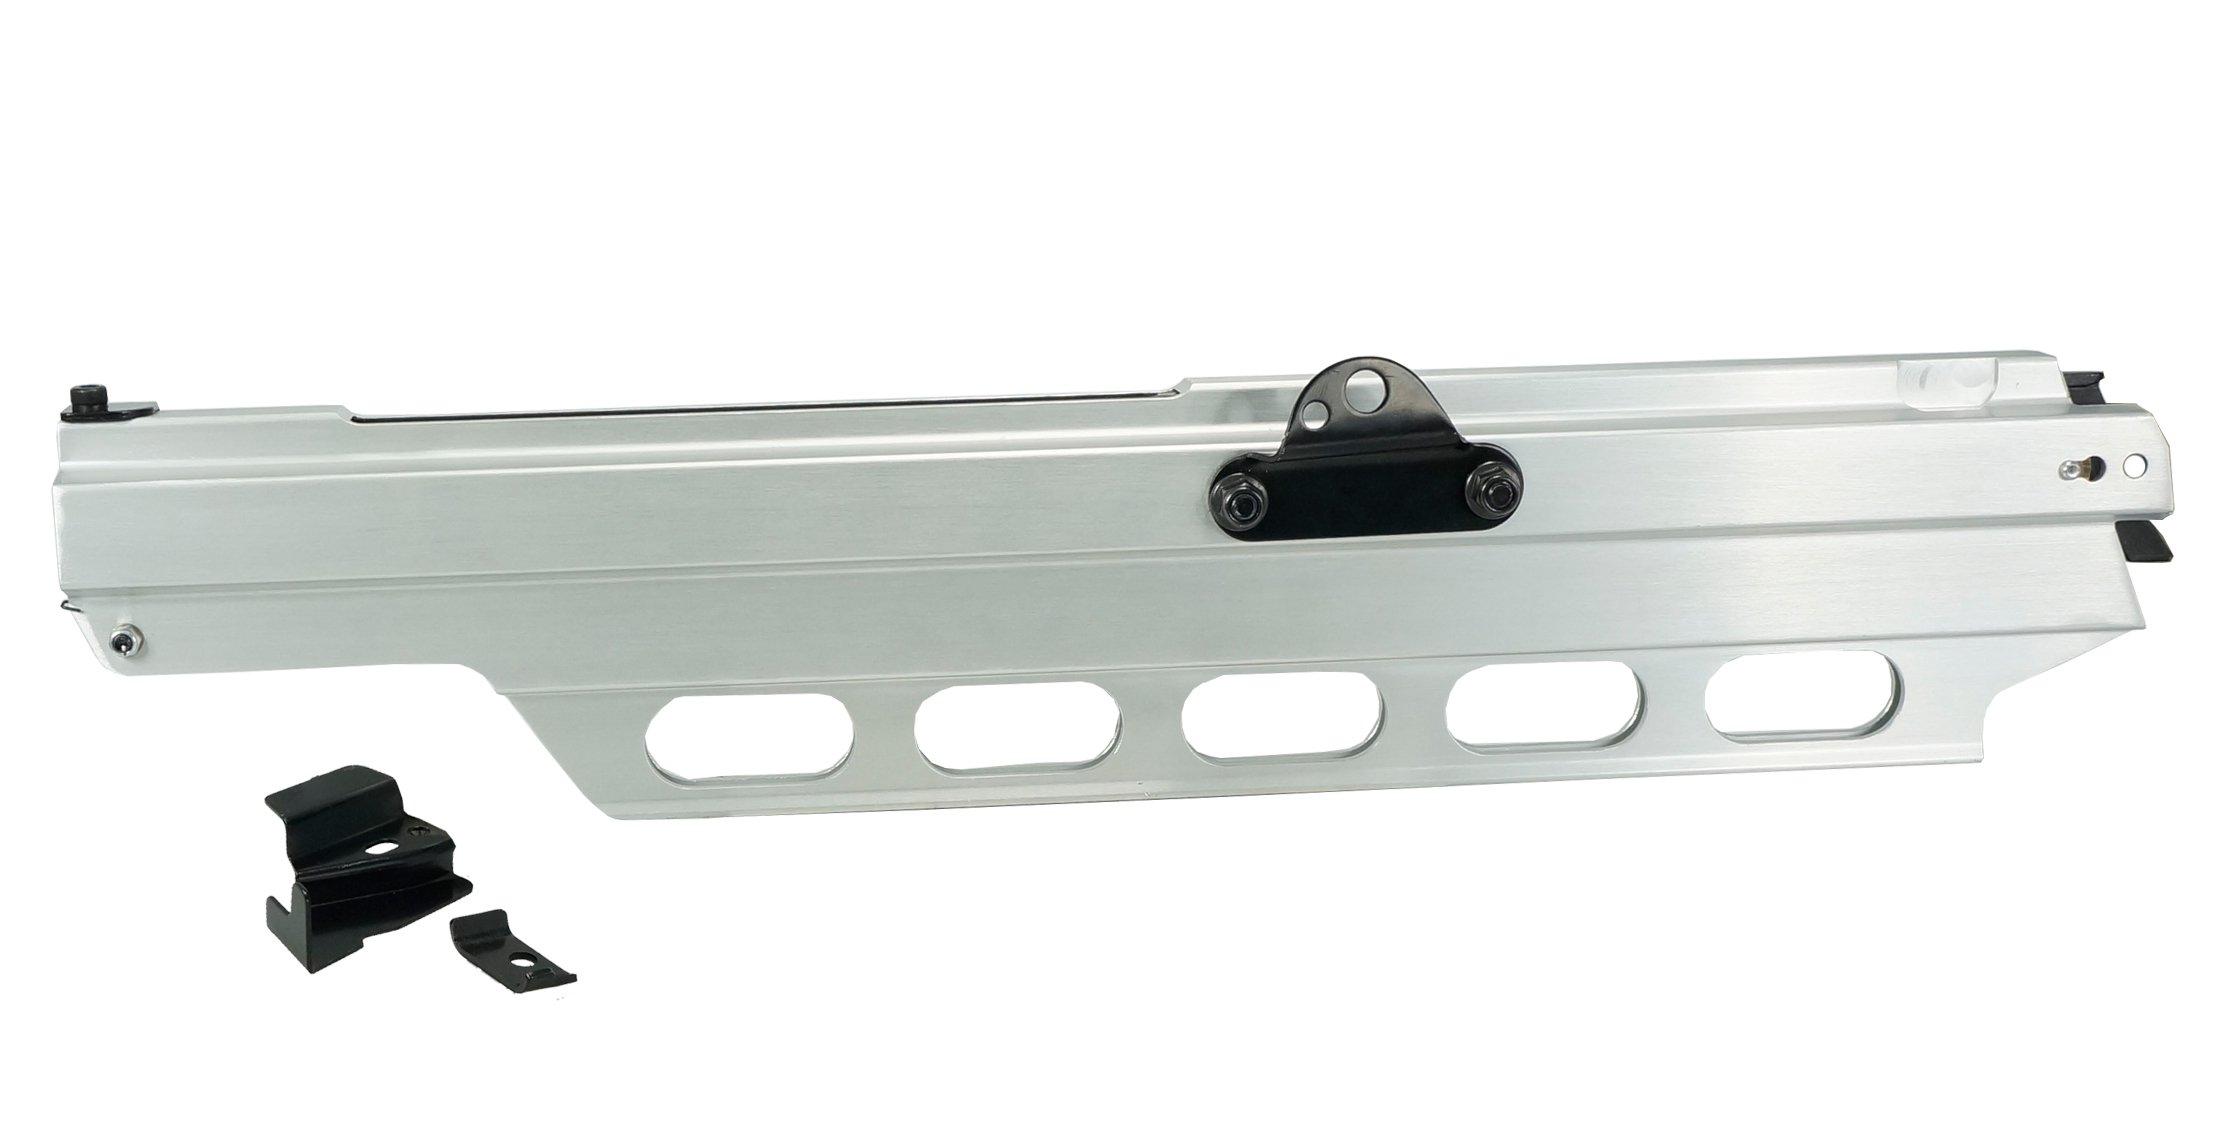 Cheap Hitachi Framing Nail Guns, find Hitachi Framing Nail Guns ...